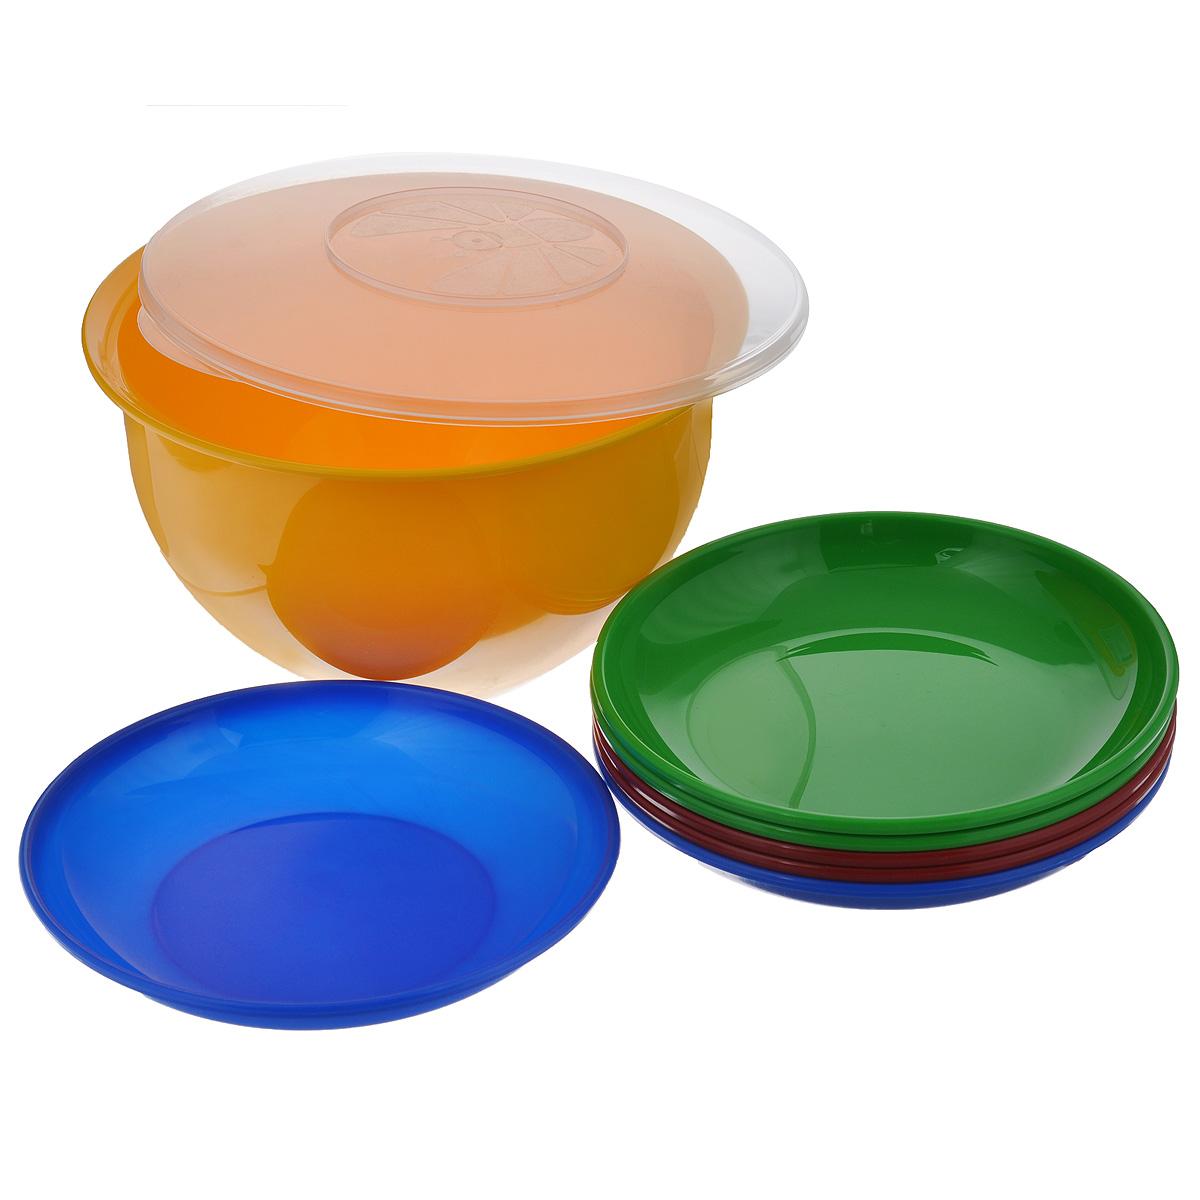 Набор посуды Solaris, 7 предметов. S1605S1605В состав набора Solaris входит 6 тарелок и большая миска с герметичной крышкой. Большую миску можно использовать как пищевой контейнер, для приготовления салата, мариновки шашлыка и т.п. Свойства посуды: Посуда из ударопрочного пищевого полипропилена предназначена для многократного использования. Легкая, прочная и износостойкая, экологически чистая, эта посуда работает в диапазоне температур от -25°С до +110°С. Можно мыть в посудомоечной машине. Эта посуда также обеспечивает: Хранение горячих и холодных пищевых продуктов; Разогрев продуктов в микроволновой печи; Приготовление пищи в микроволновой печи на пару (пароварка); Хранение продуктов в холодильной и морозильной камере; Кипячение воды с помощью электрокипятильника. Объем миски: 3 л. Диаметр миски: 22,5 см. Высота миски: 12,7 см. Диаметр тарелок: 19 см. Высота тарелок: 3 см.